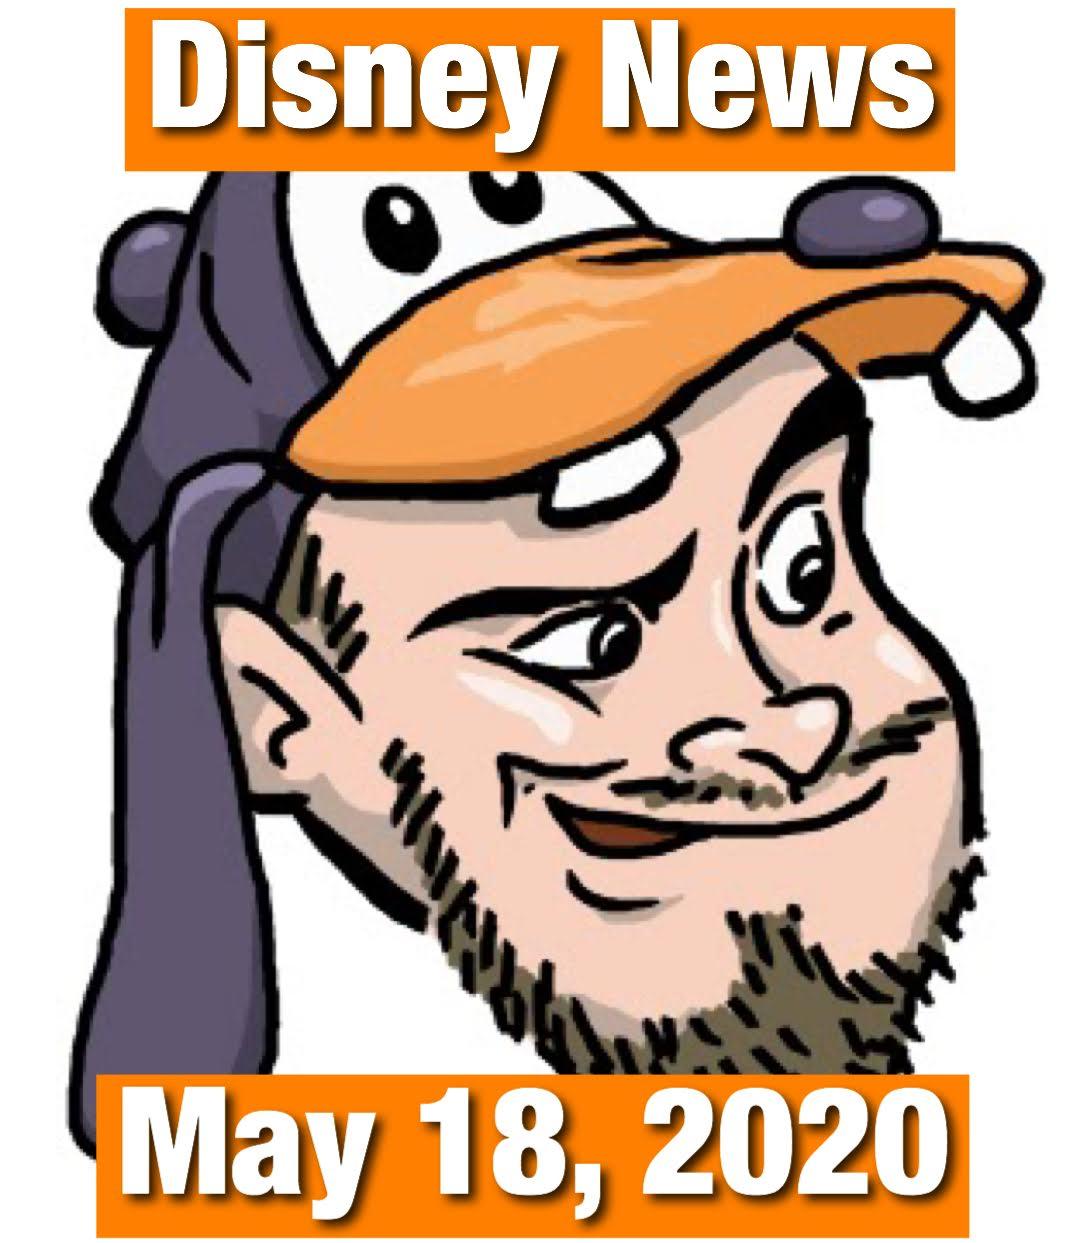 Disney News for 5/18/2020